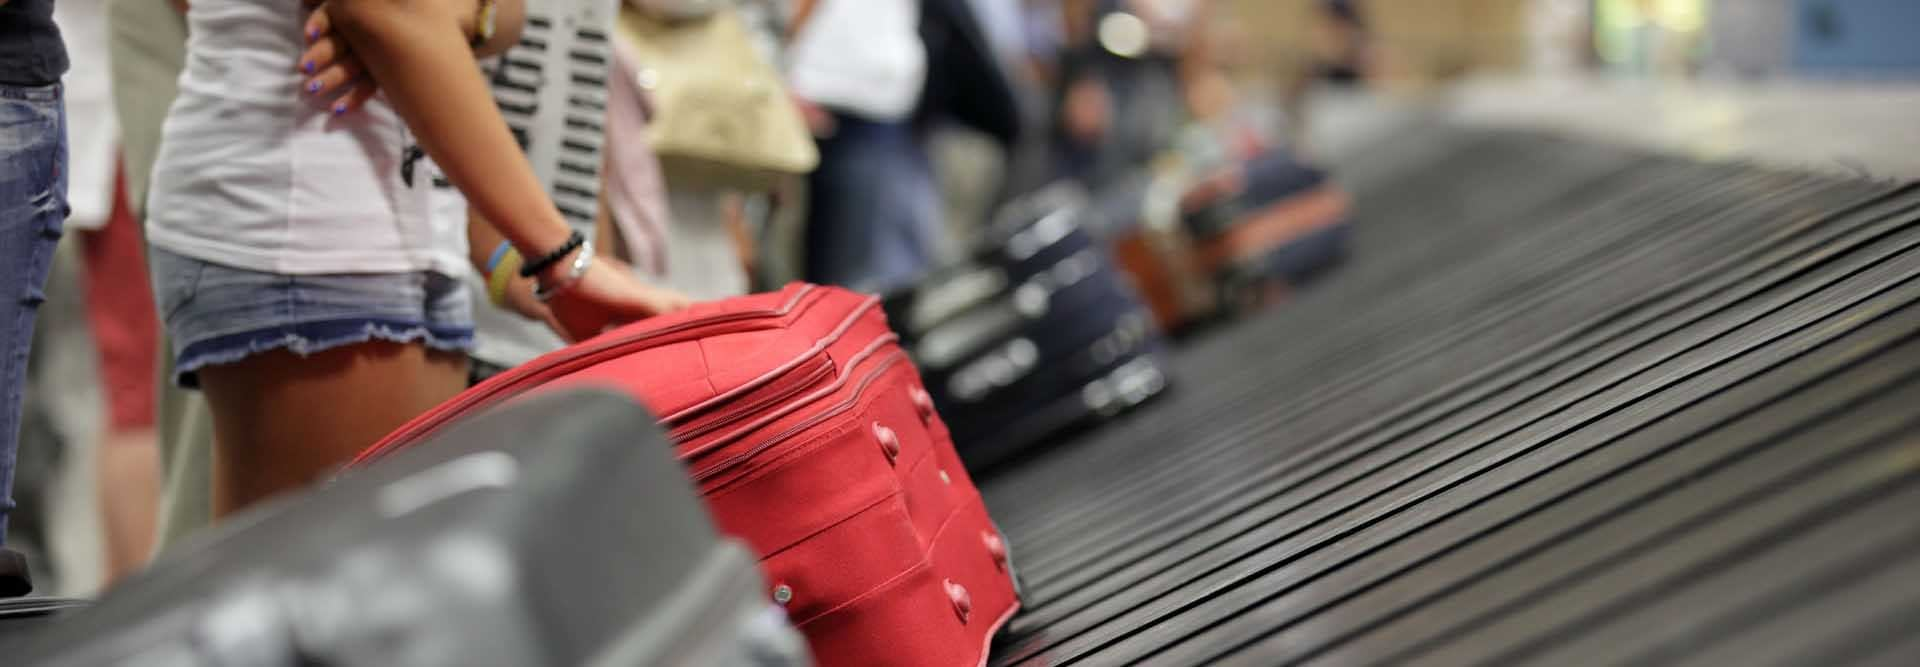 imagen maleta en cinta de equipaje de aeropuerto